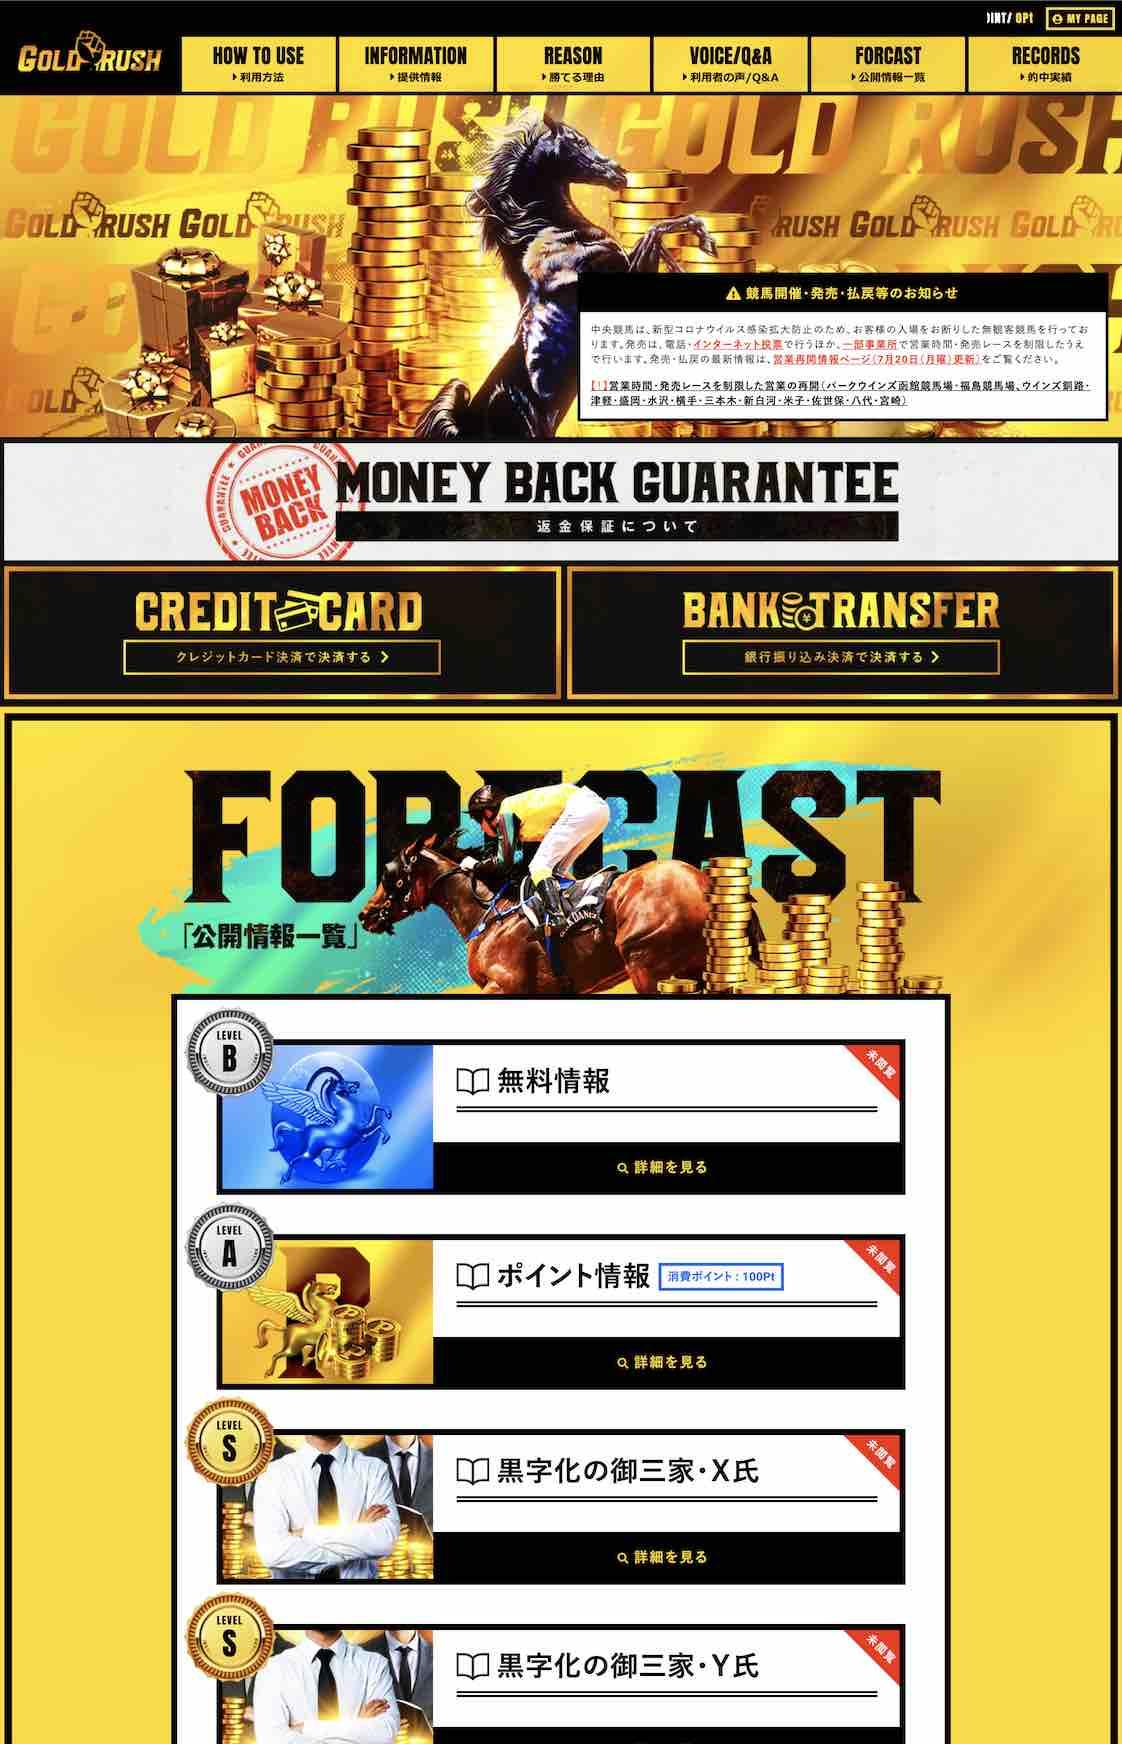 ゴールドラッシュ(GOLDRUSH)という競馬予想サイトの会員ページ